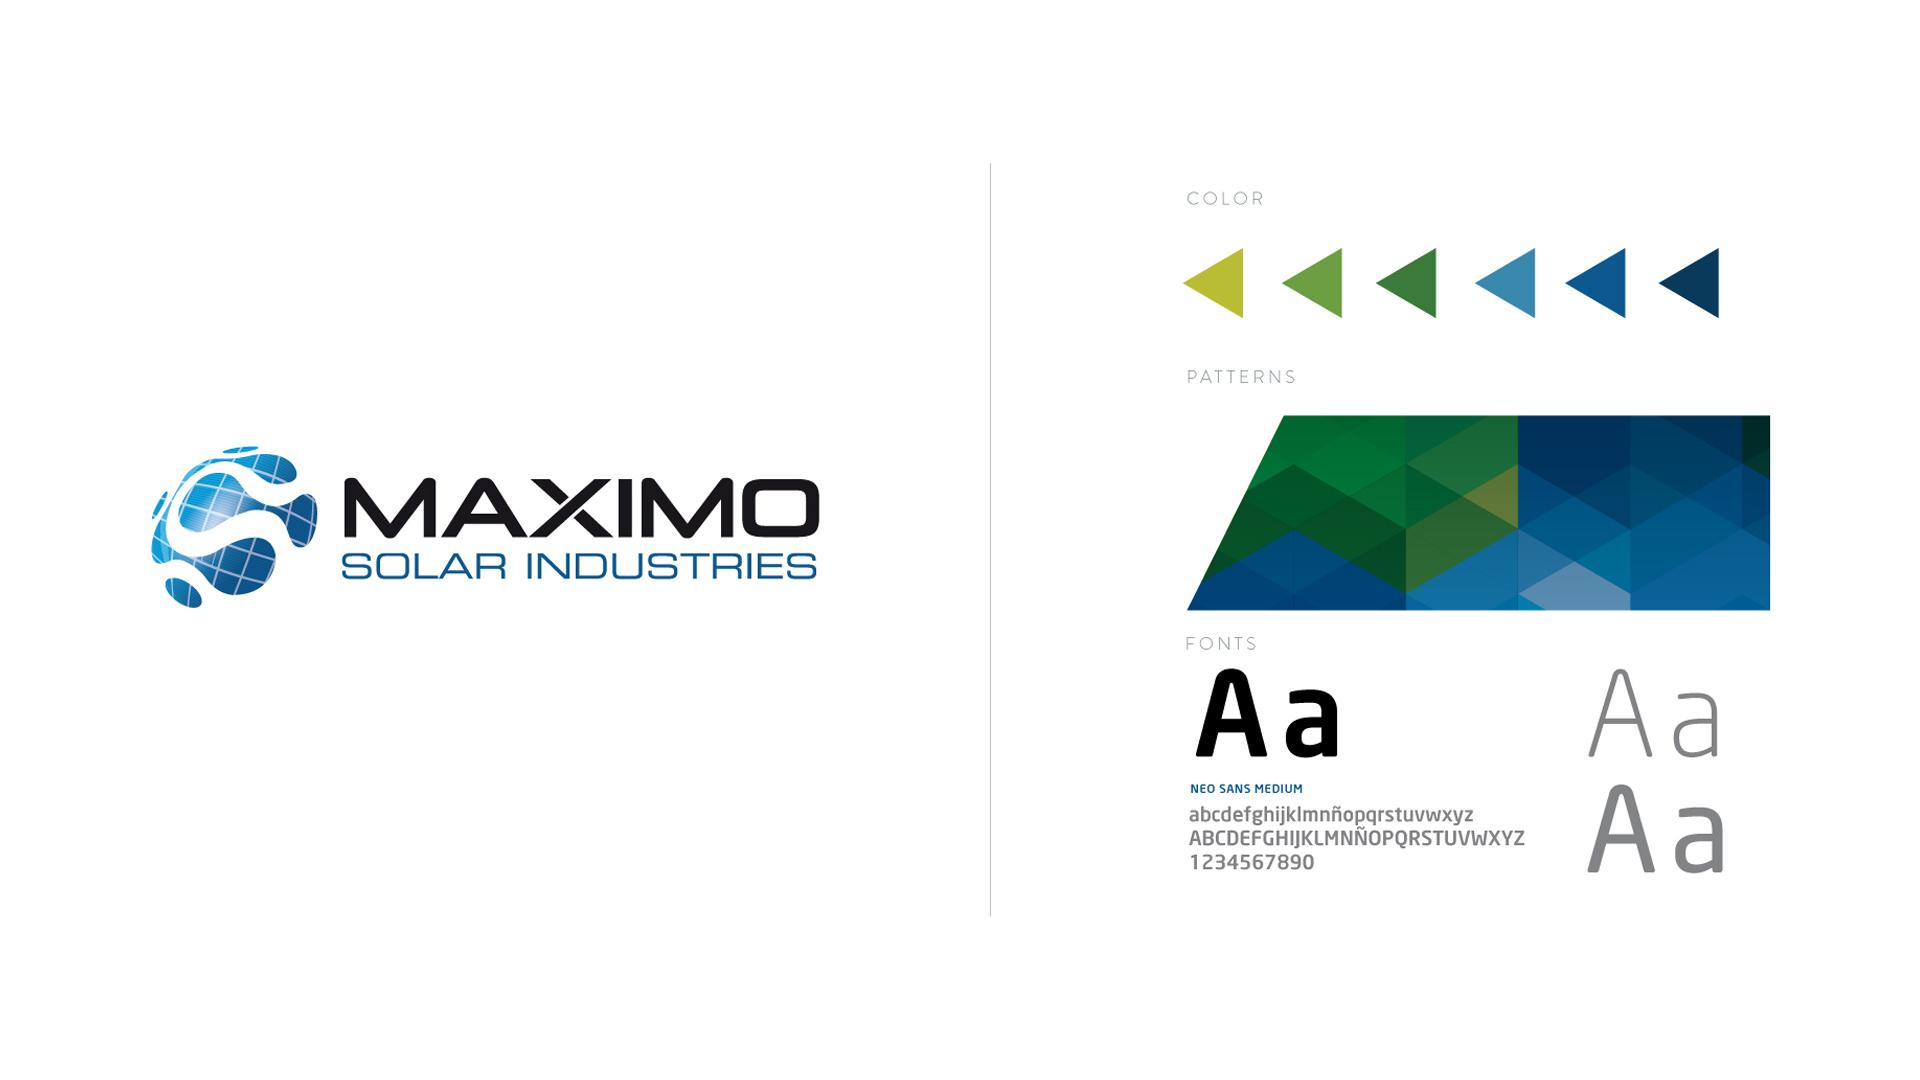 MAXIMO-logo.jpg